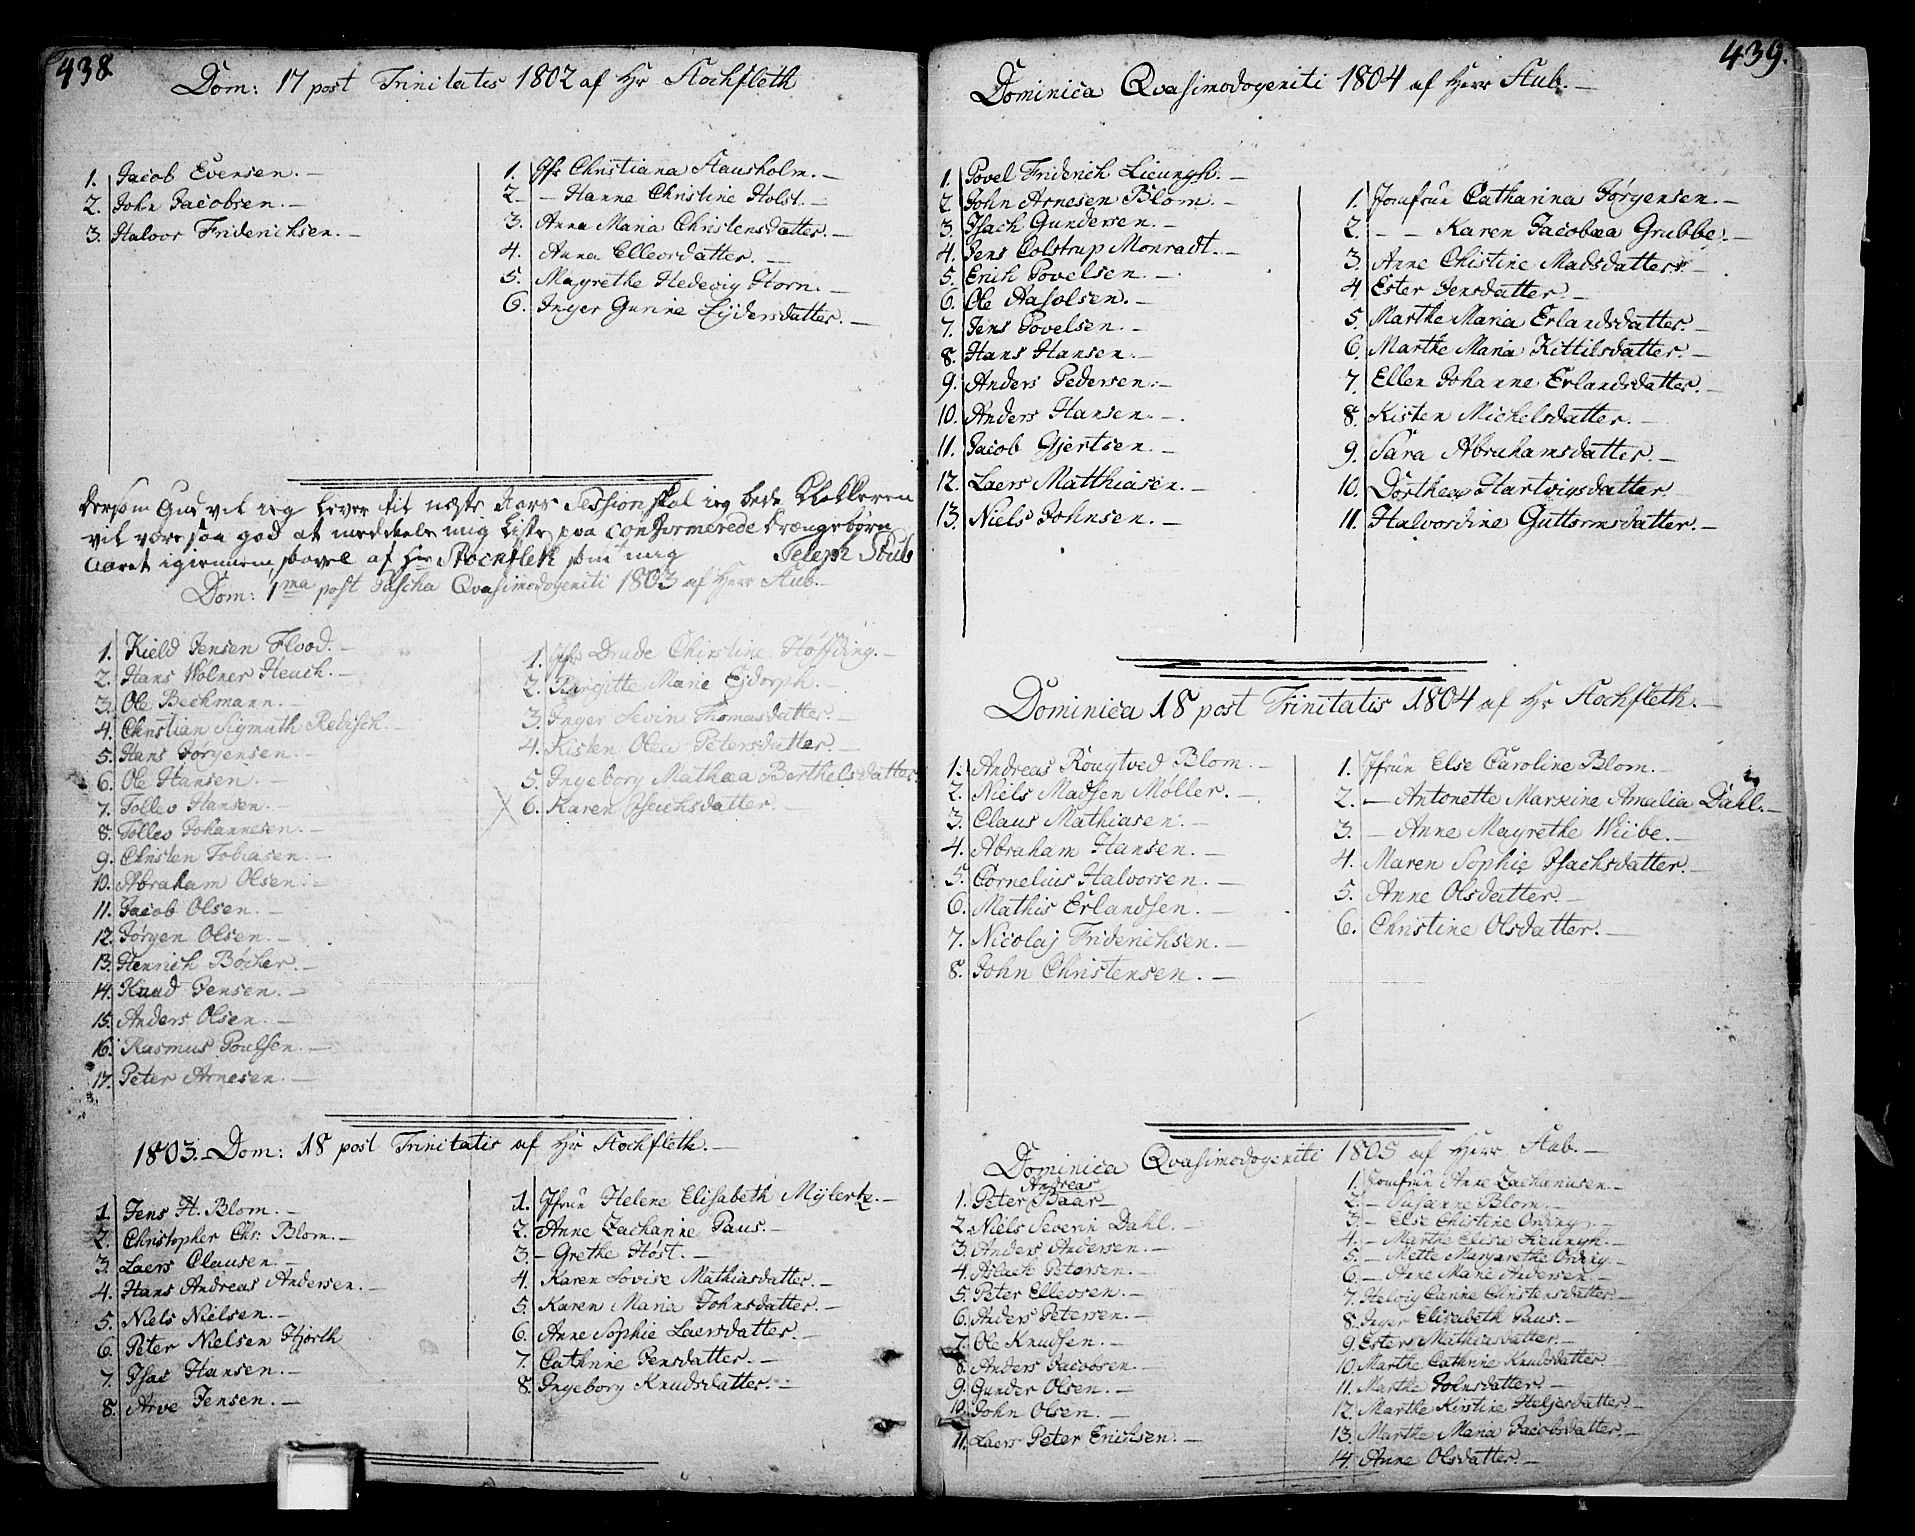 SAKO, Skien kirkebøker, F/Fa/L0004: Ministerialbok nr. 4, 1792-1814, s. 438-439